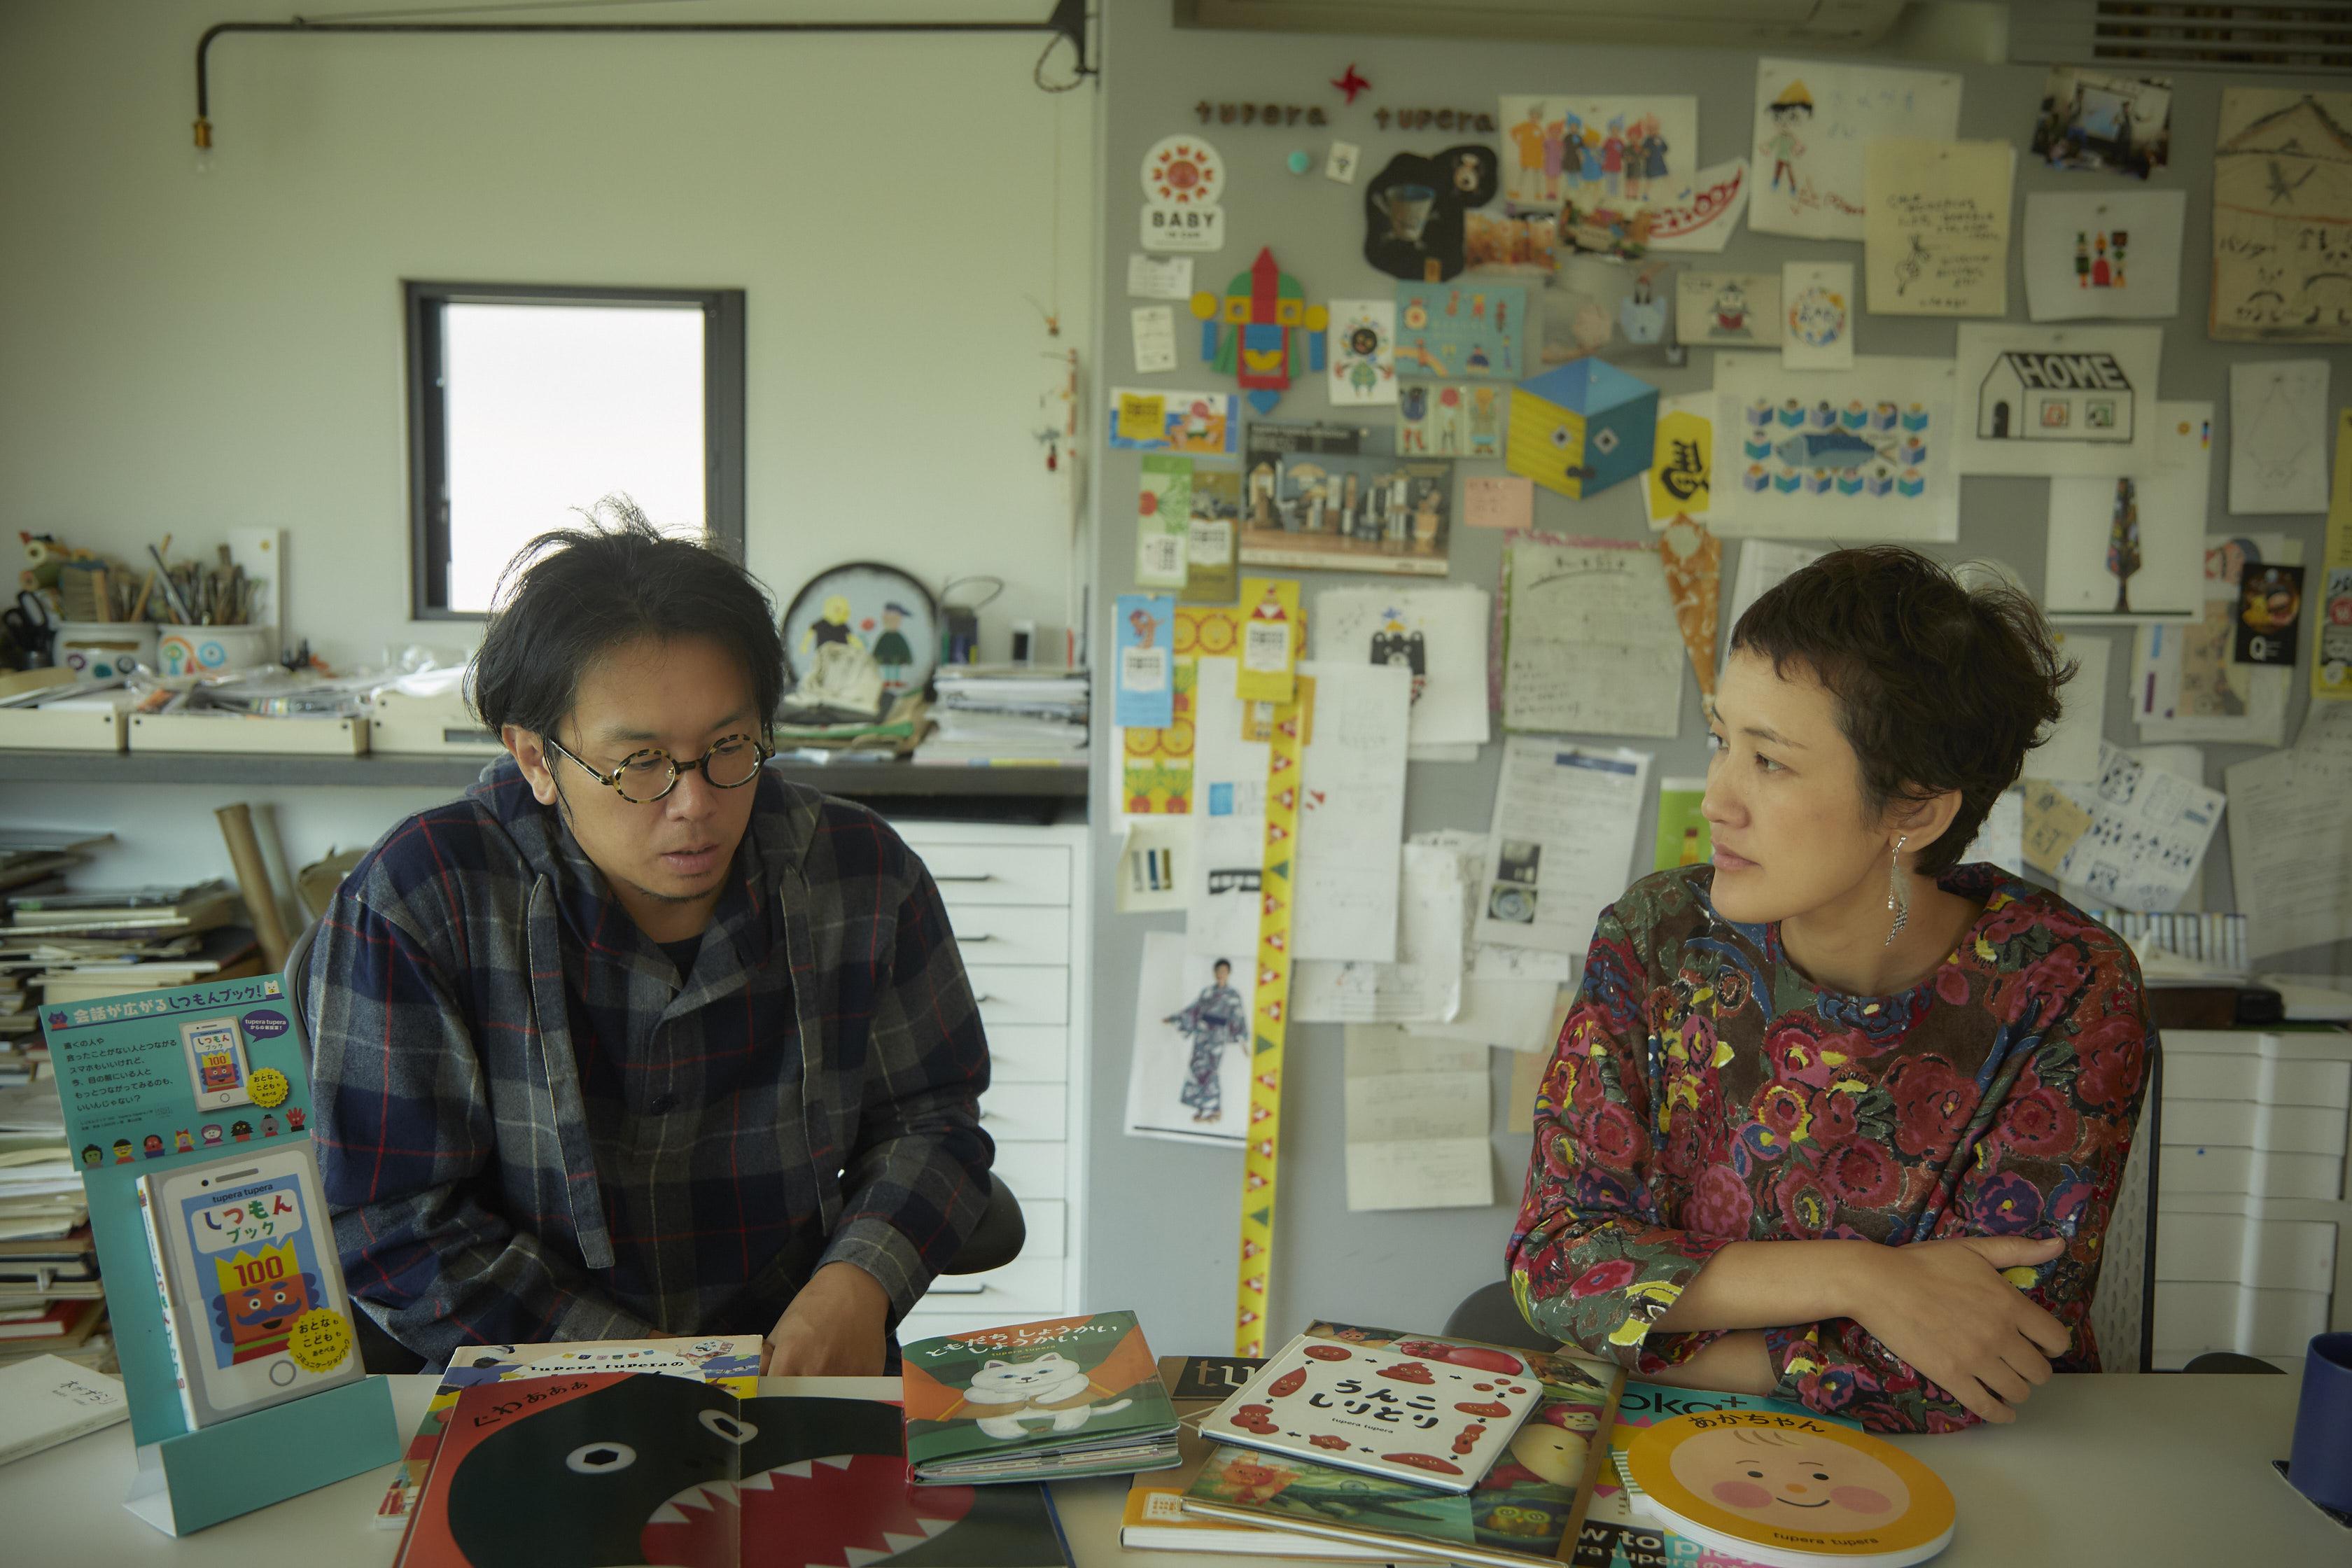 tupera tuperaインタビュー/読み手は最大の演出家。絵本を子供のものと決めつけず、人と人がつながるためのツールにしてほしい